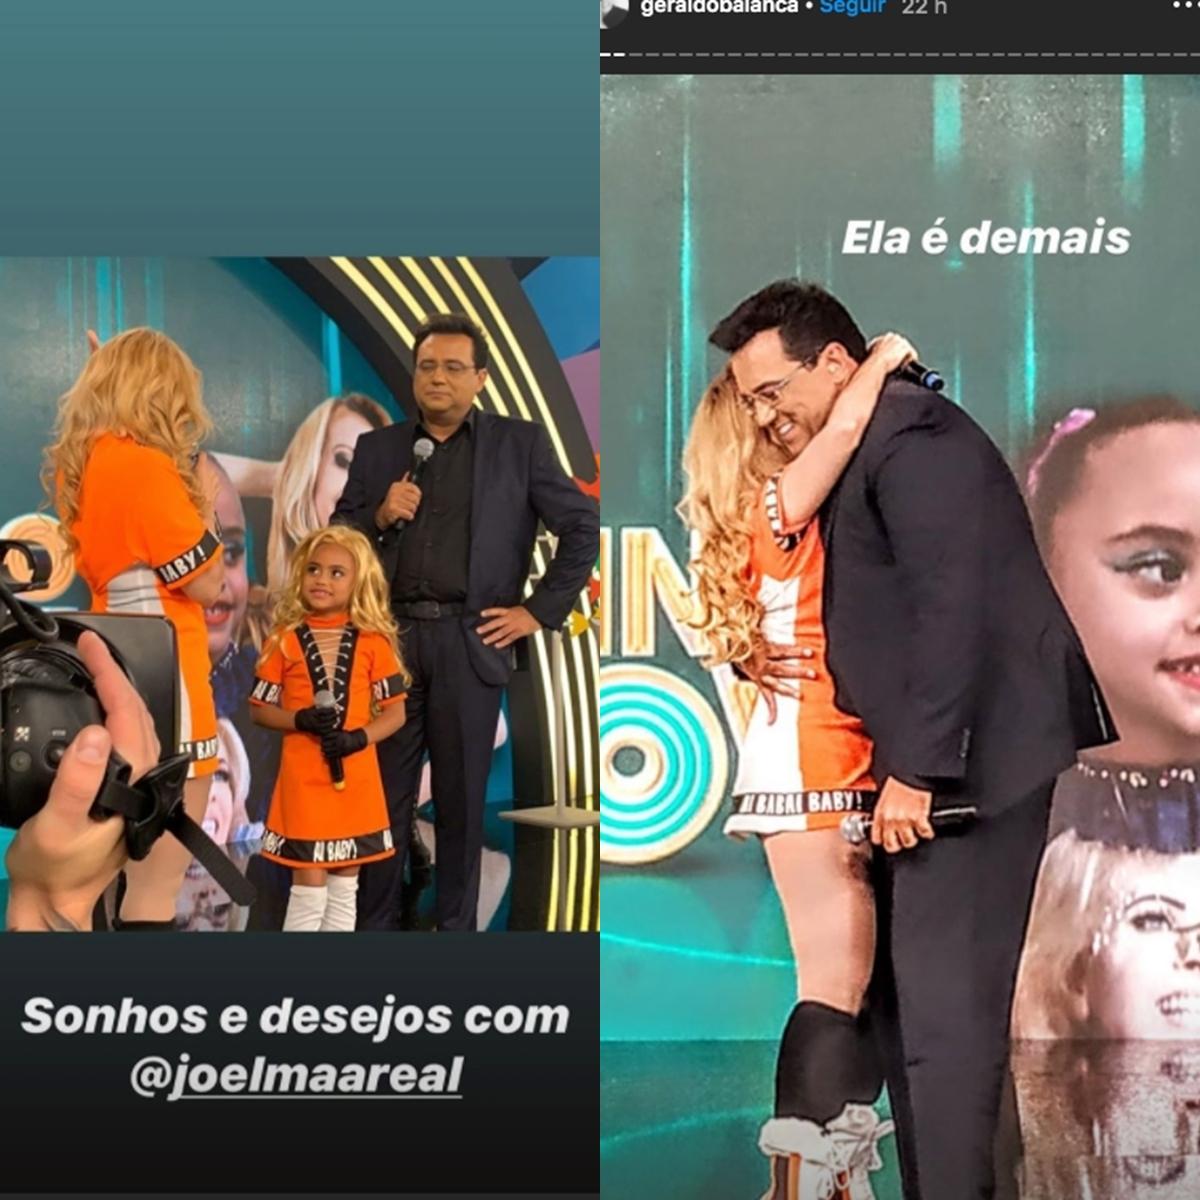 Geraldo Luís comentou sobre sua relação com Joelma em seu aniversário (Foto: reprodução/Instagram)